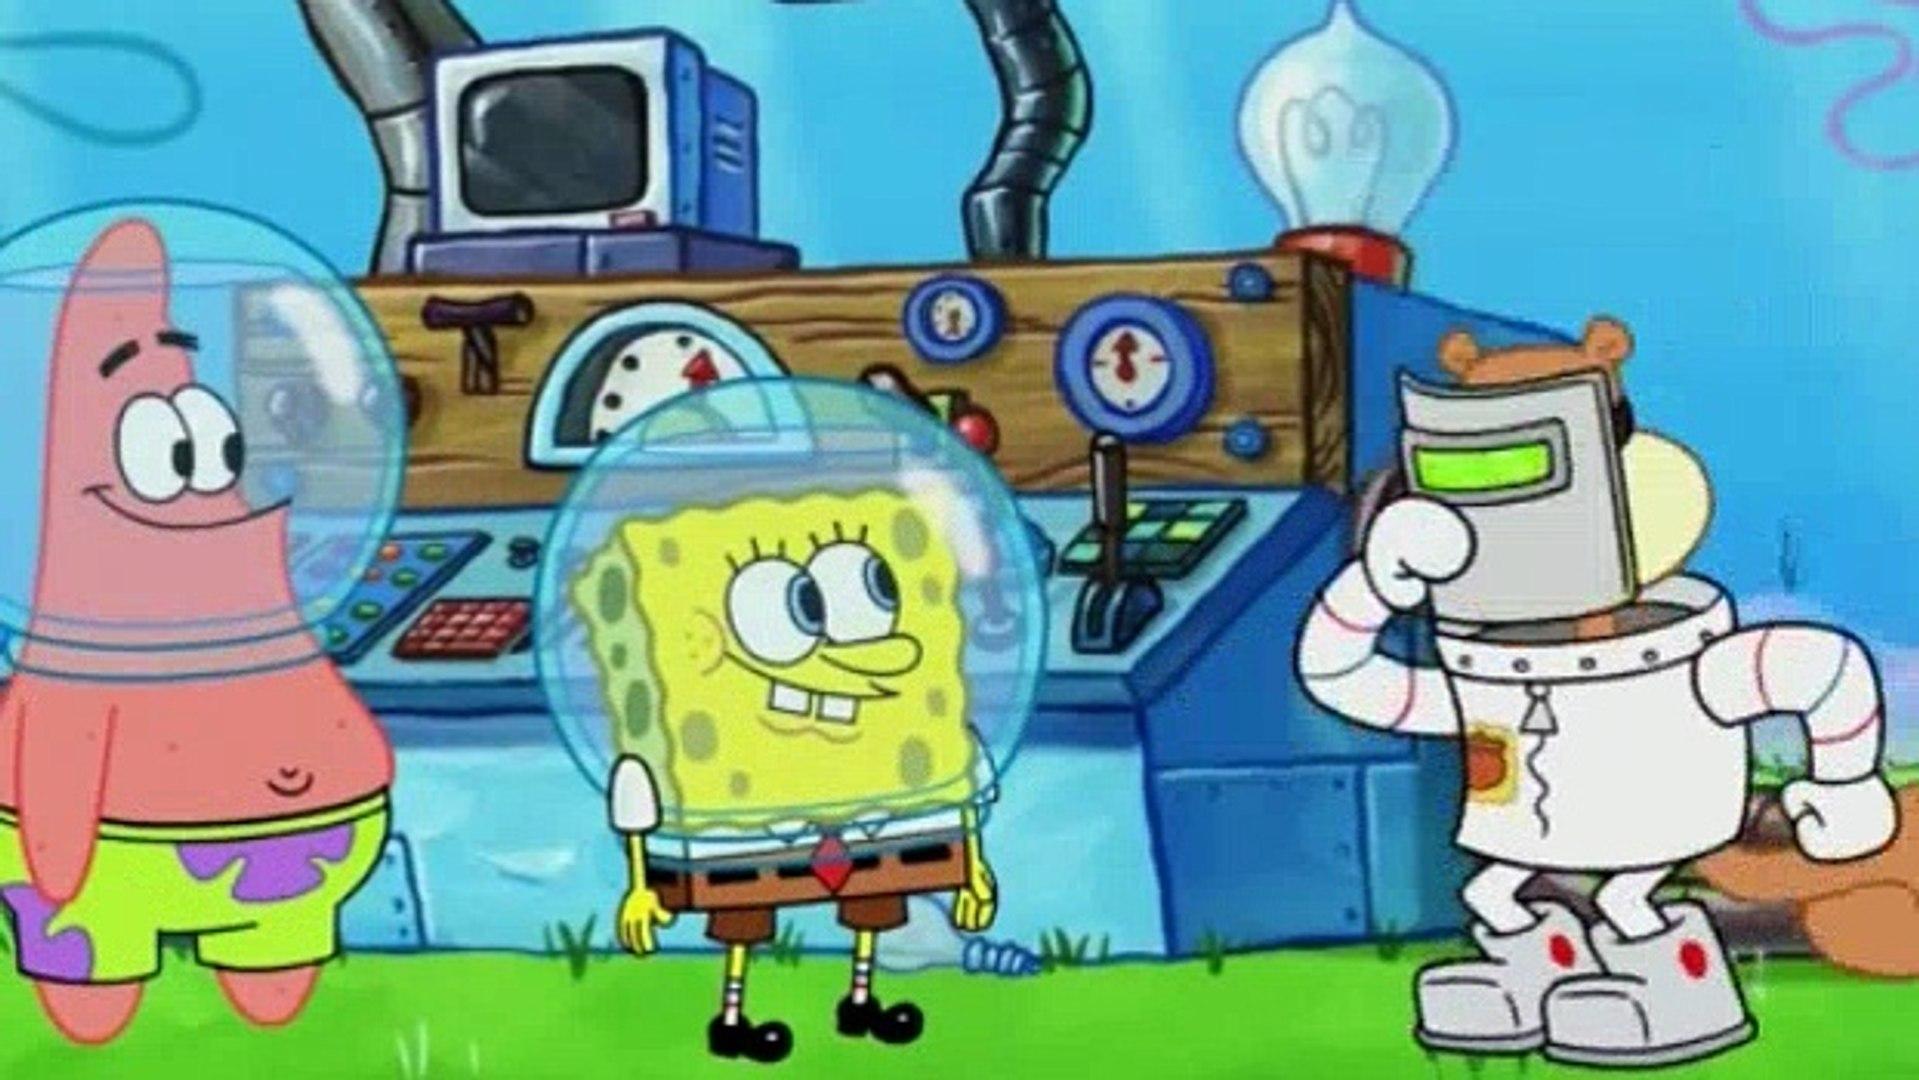 SpongeBob SquarePants S11E14a - Doodle Dimension